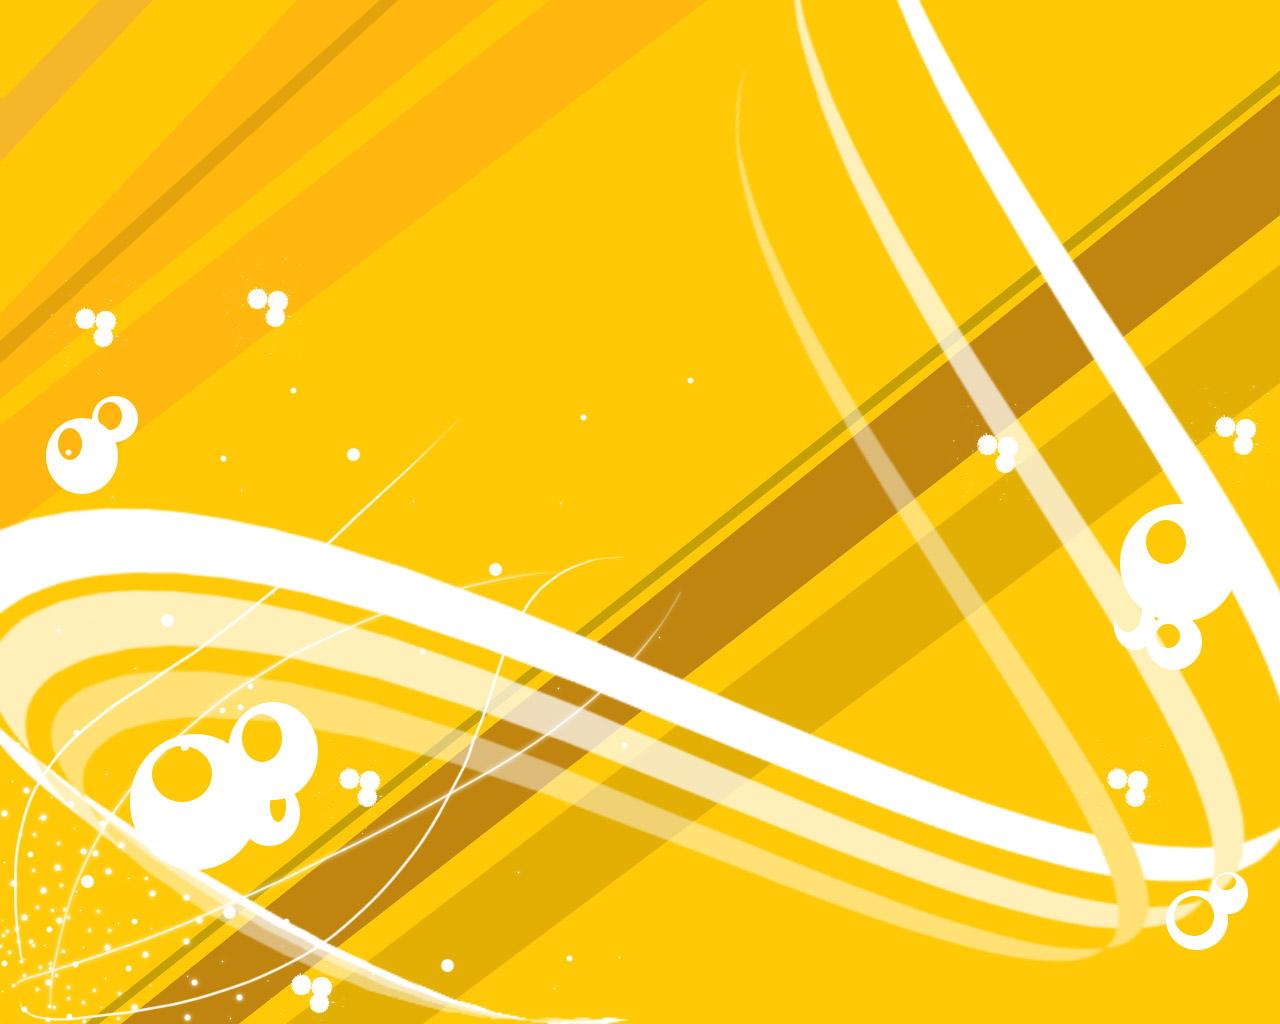 Nexus Desktop Wallpaper Abstract Designs 5795 Hd Wallpapers 1280x1024